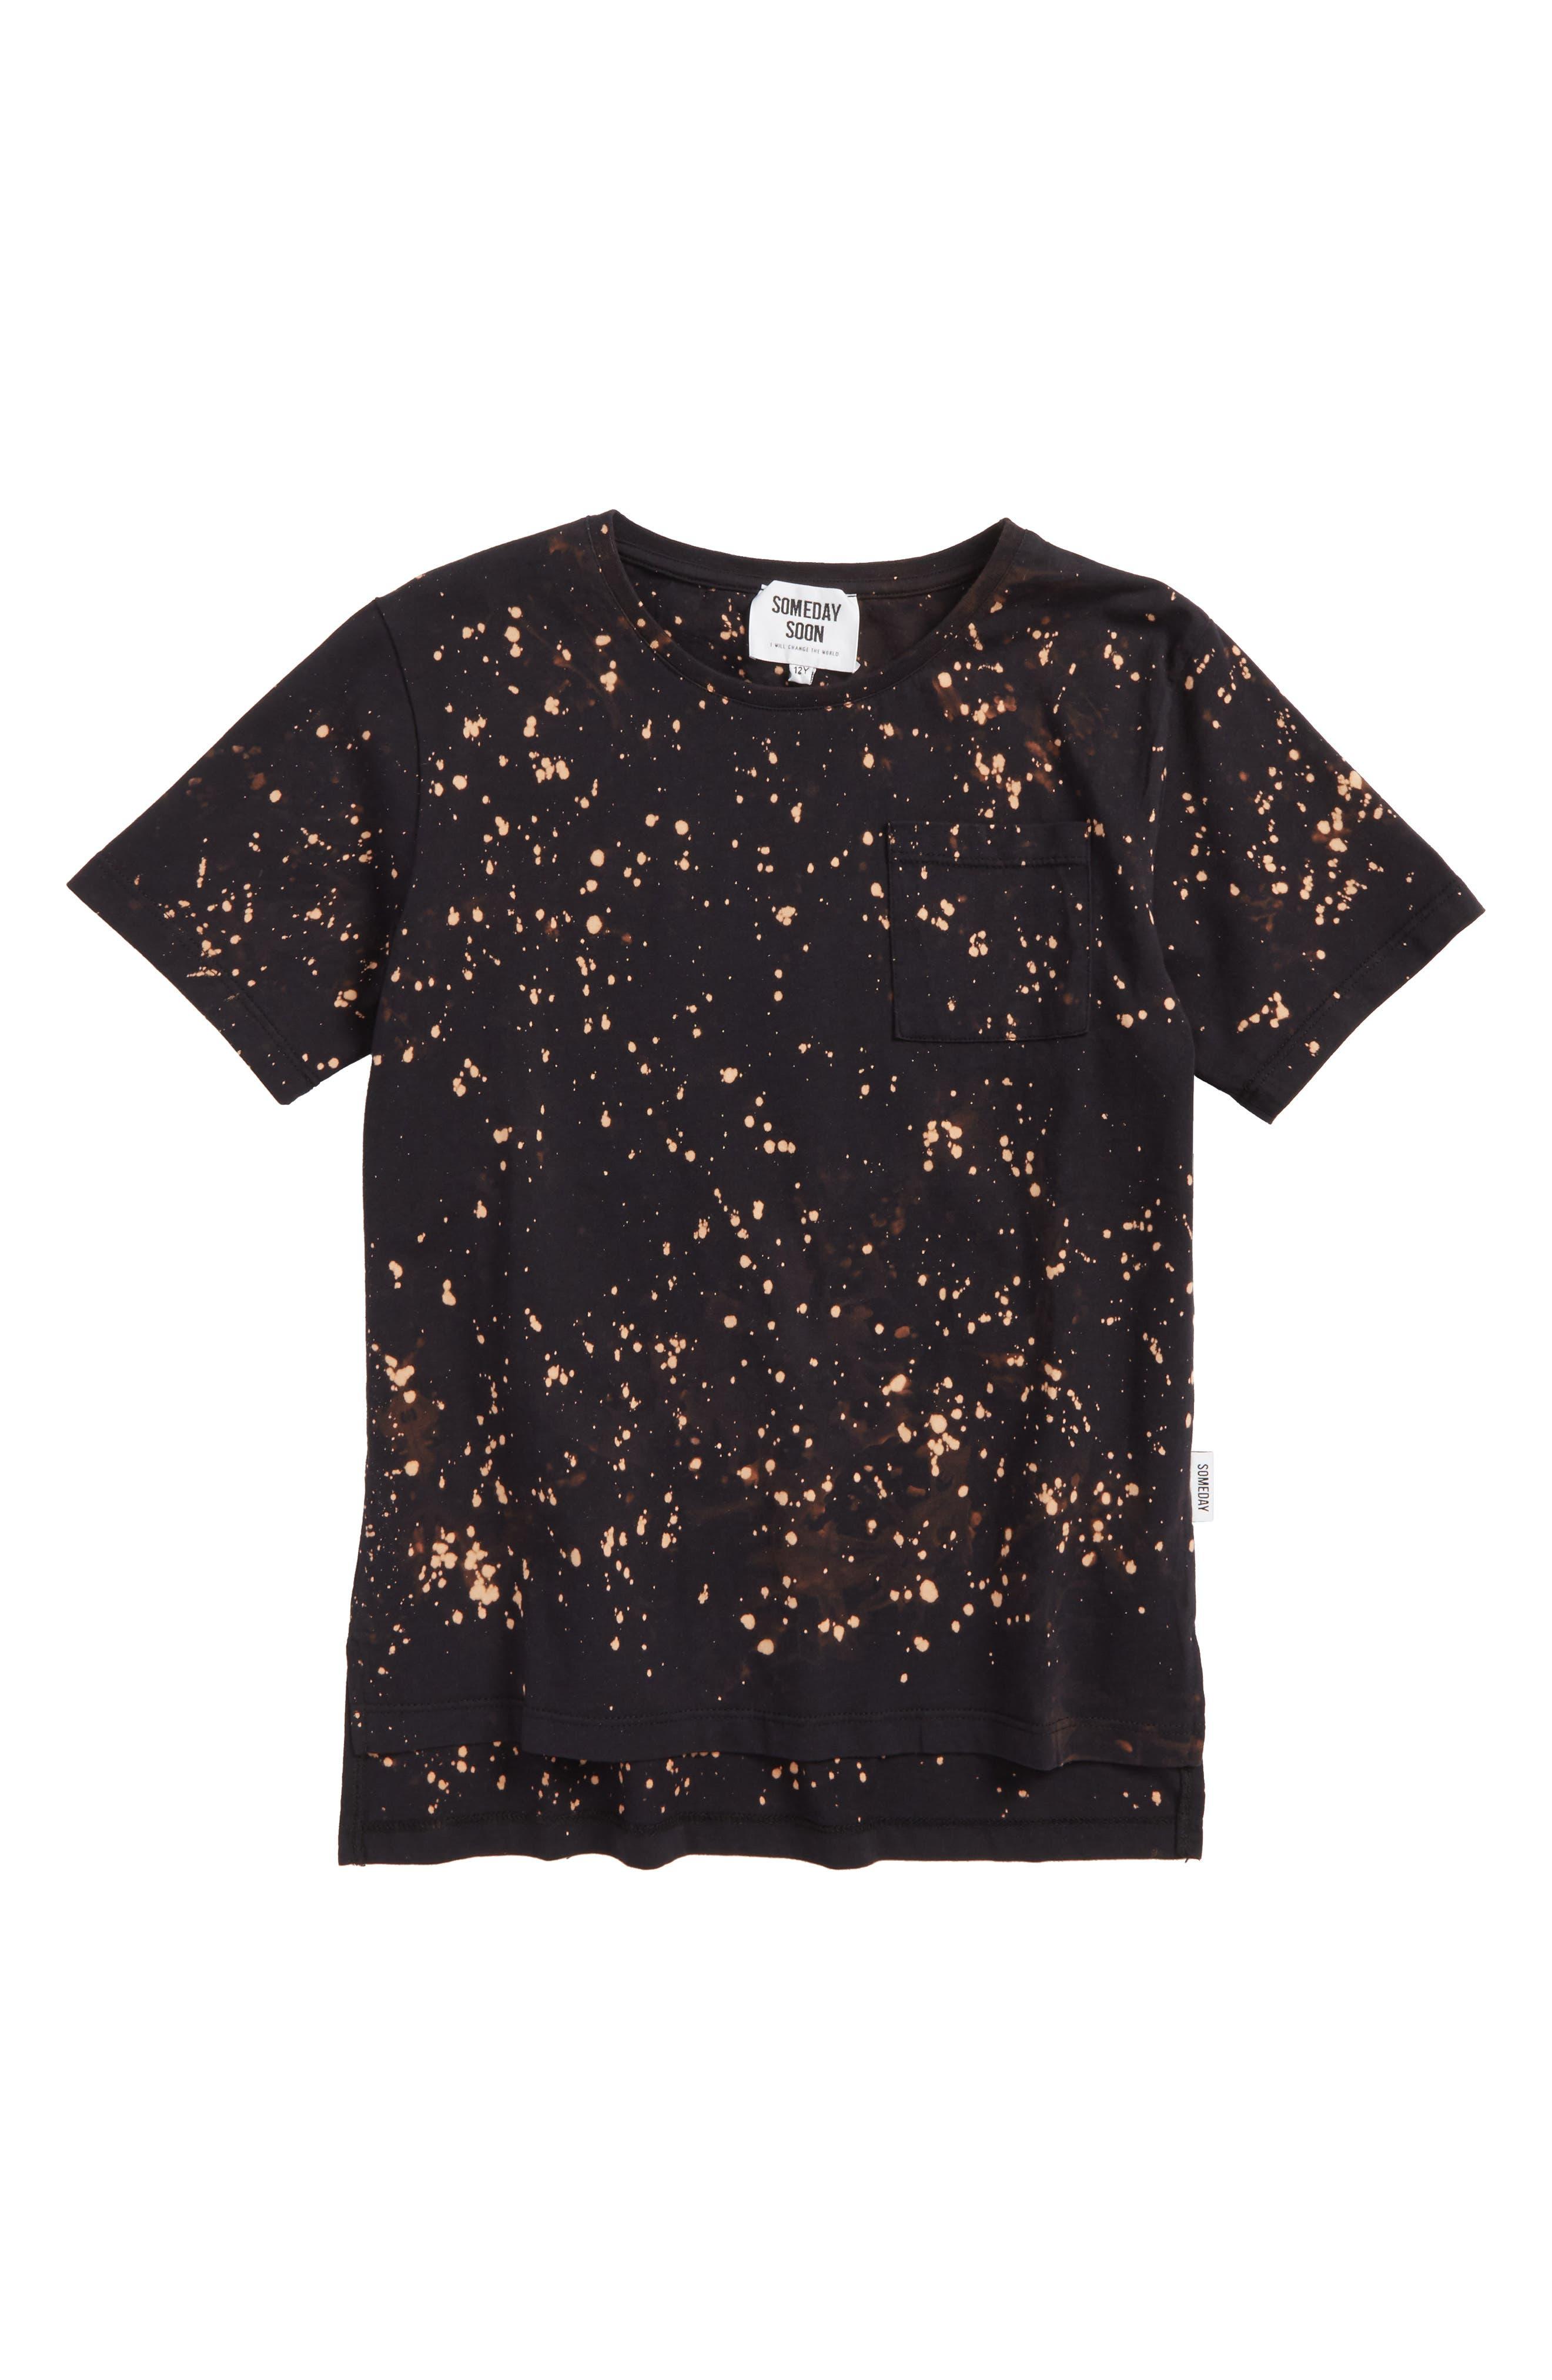 Avalon T-Shirt,                             Main thumbnail 1, color,                             002